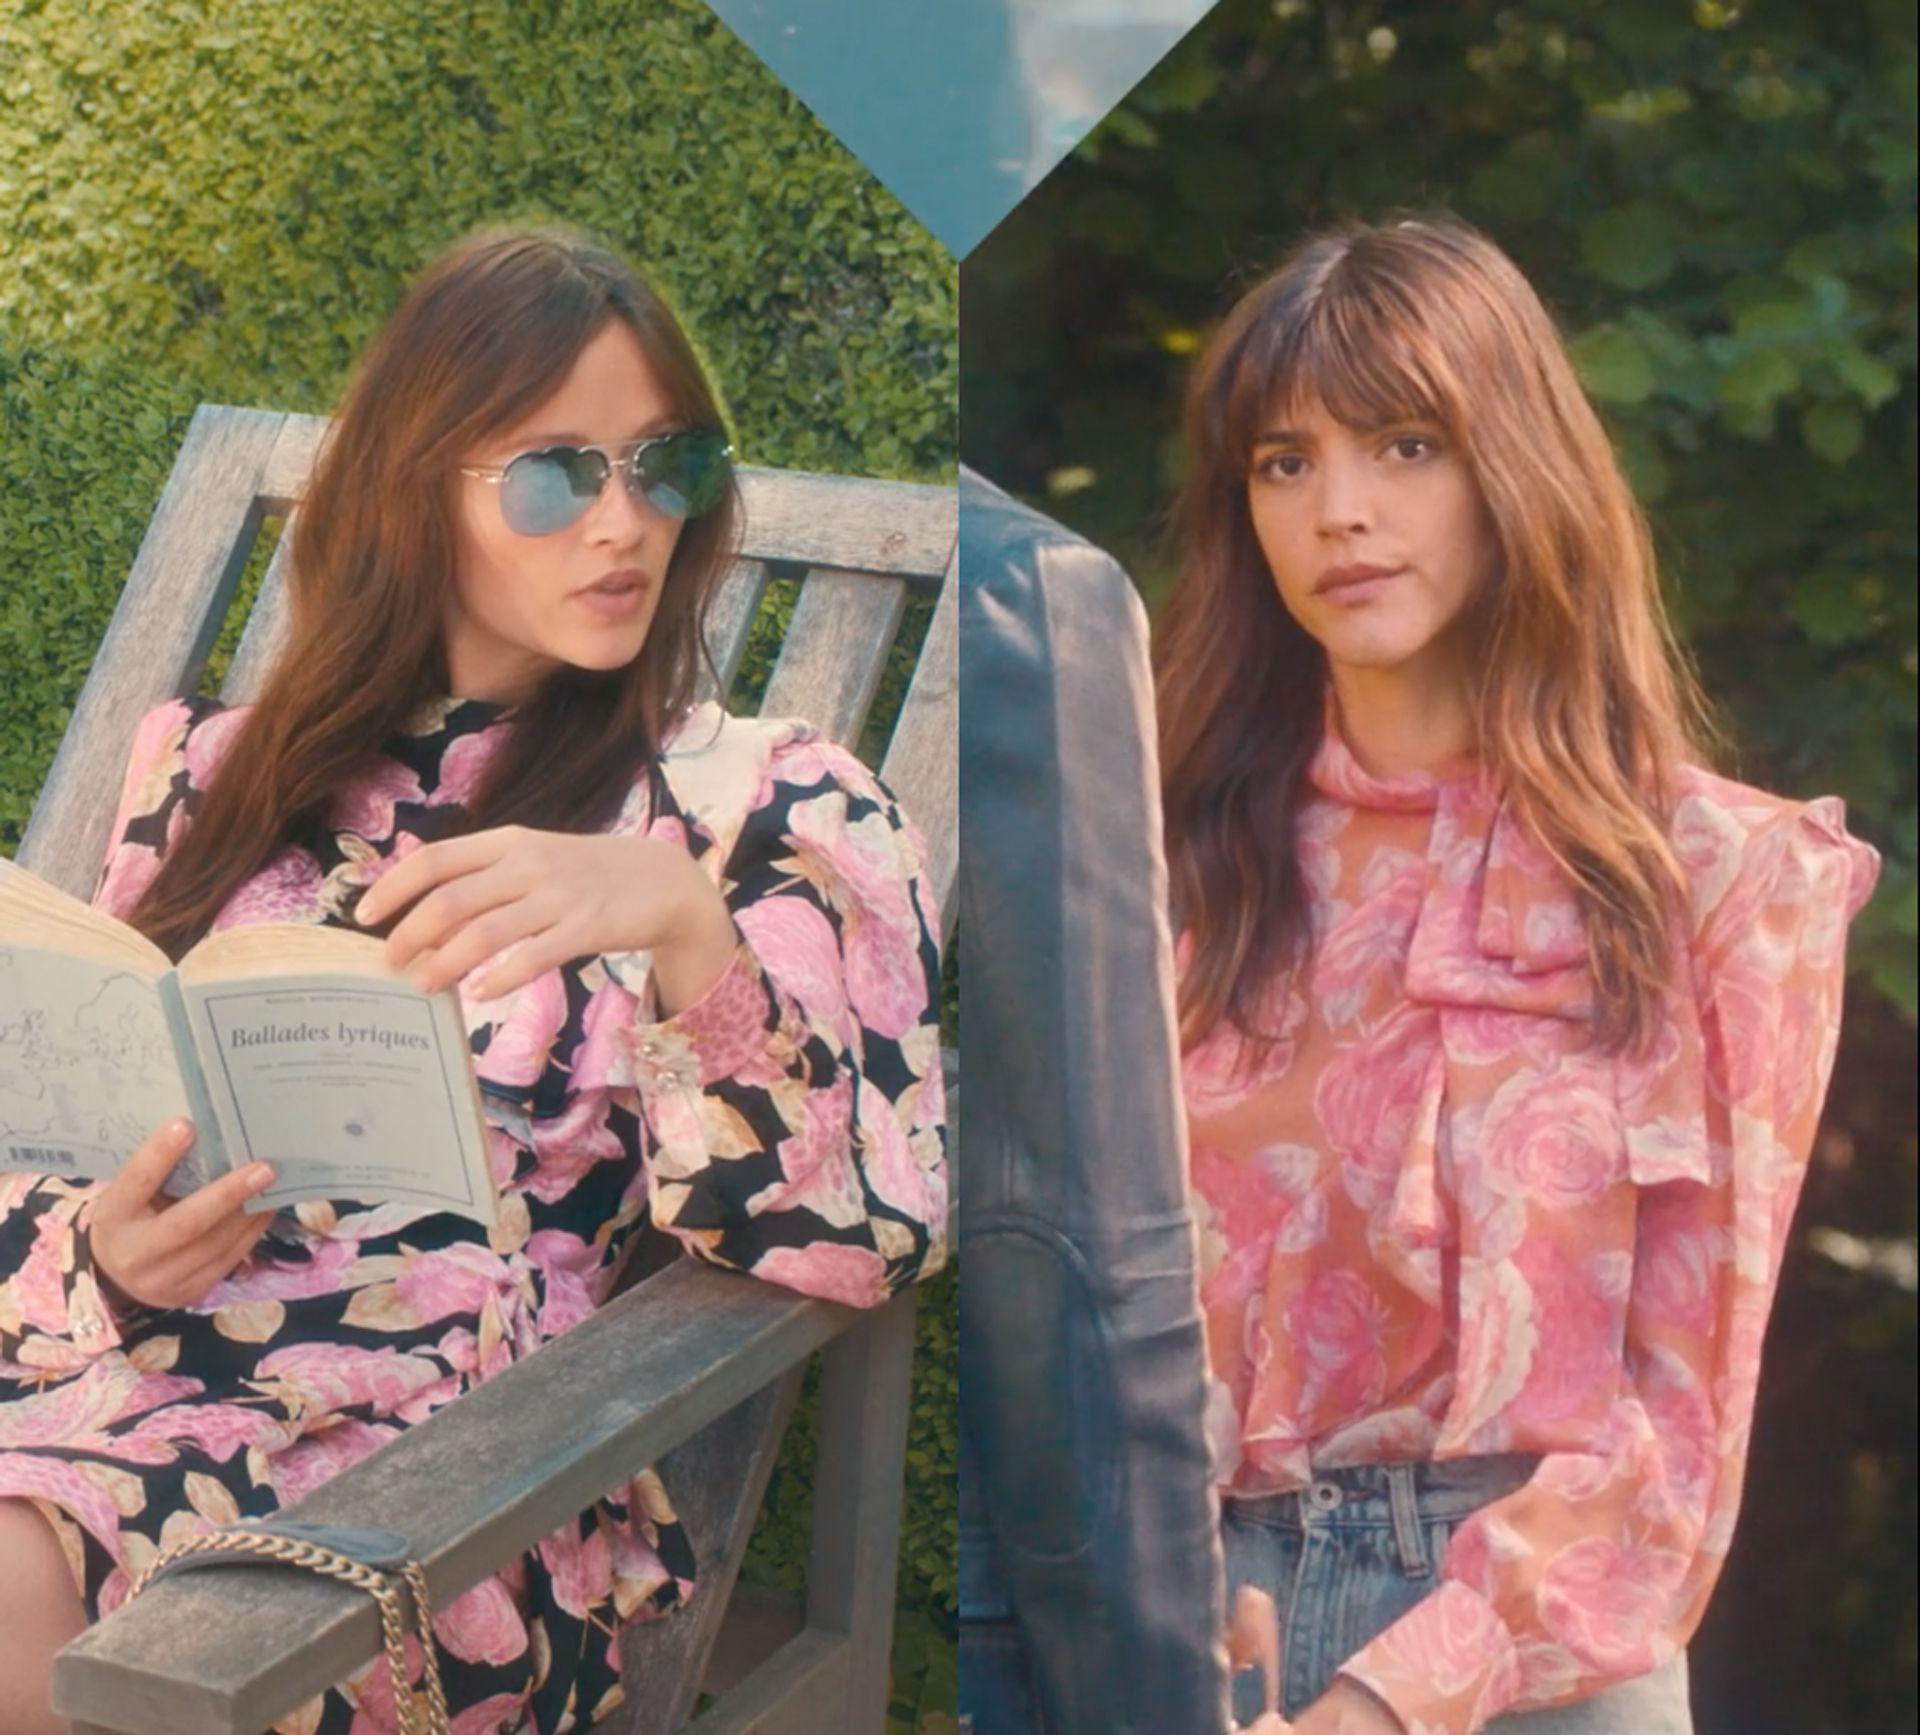 Marilyn Lima y Calu Rivero, las protagonistas de la historia de Head in the Clouds en Miu Miu eyewear